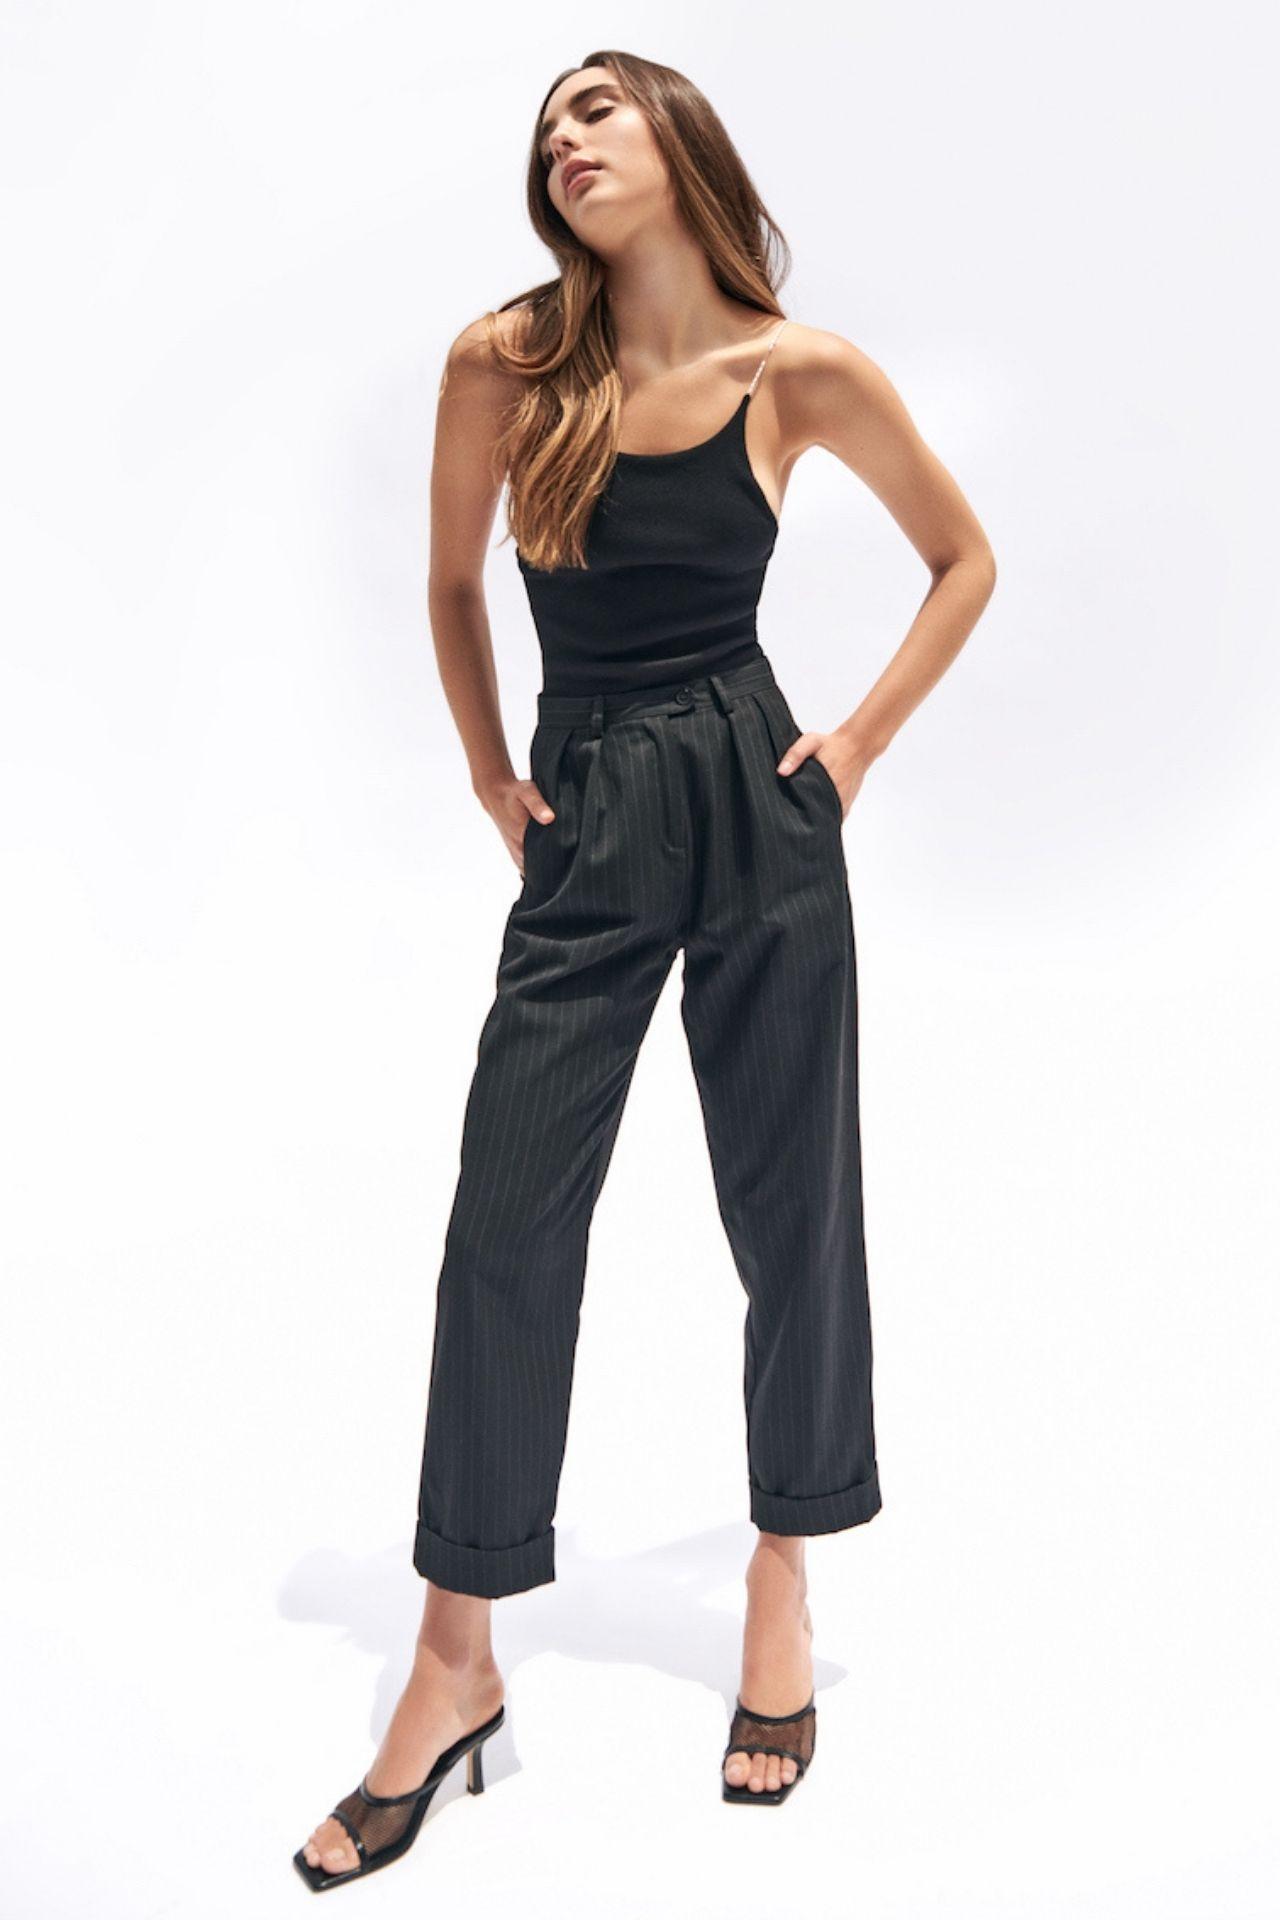 Este body con tiras elásticas de perlitas es perfecto para realzar tu sensualidad y a la vez tu feminidad.  *La modelo usa talla Small.  Talla S: busto (84-88 cm) cintura (84-88 cm) cadera (64-68 cm) largo 62 cm  Talla M: busto (94-96 cm) cintura (94-96 cm) cadera (73-77 cm) largo 63 cm